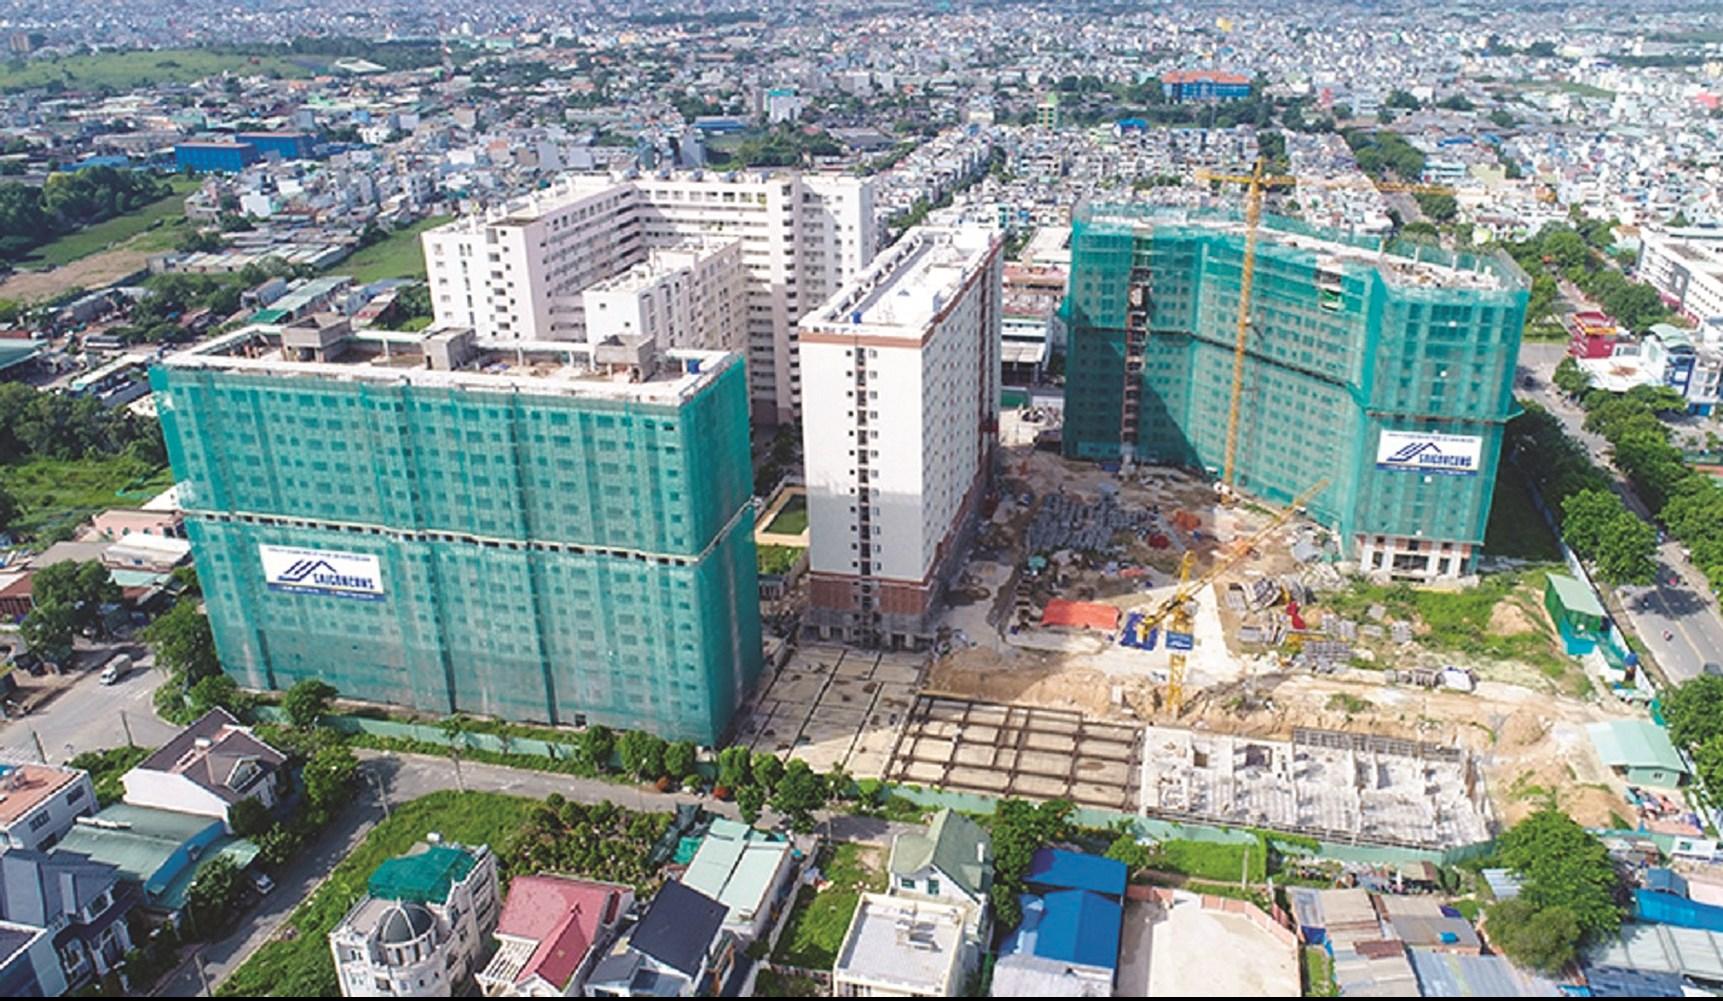 Dự án Green Town Bình Tân đã ngừng thi công do vướng tranh chấp kiện tụng kéo dài.